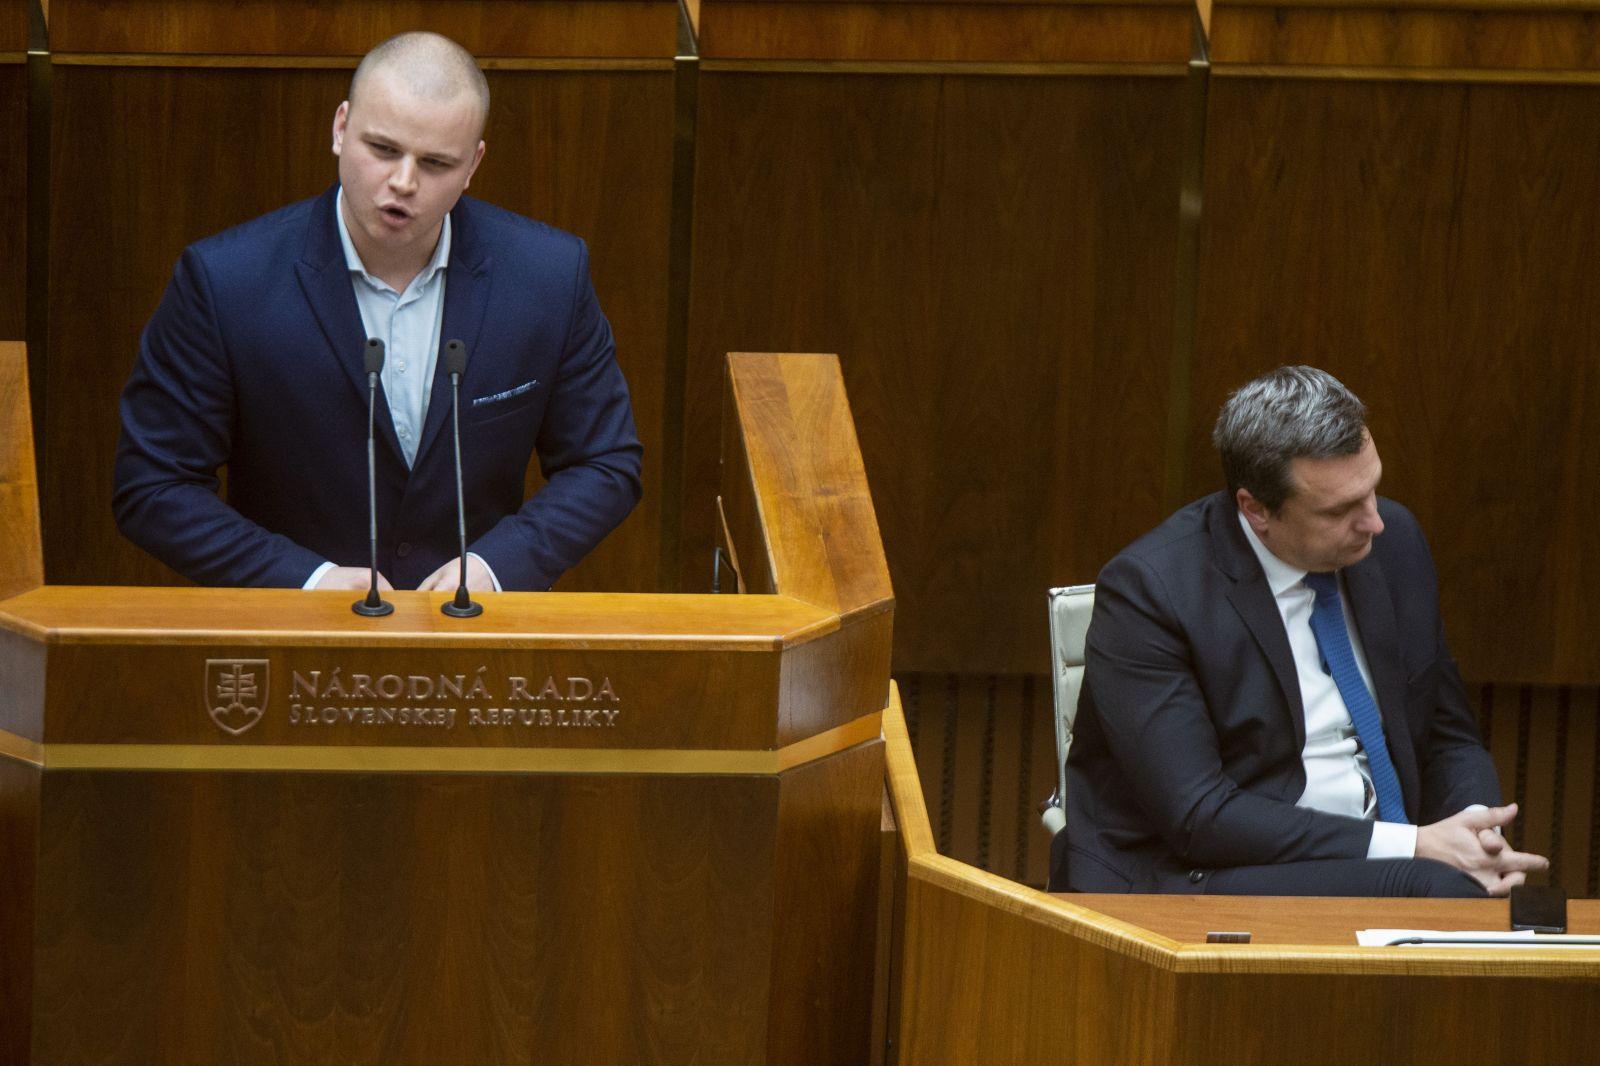 Na snímke vľavo poslanec NR SR Milan Mazurek  (ĽSNS) a vpravo predseda NR SR Andrej Danko (SNS), ktorý predniesol uznesenie Národnej rady Slovenskej republiky k pracovnej definícii antisemitizmu počas zasadnutia 38. schôdze